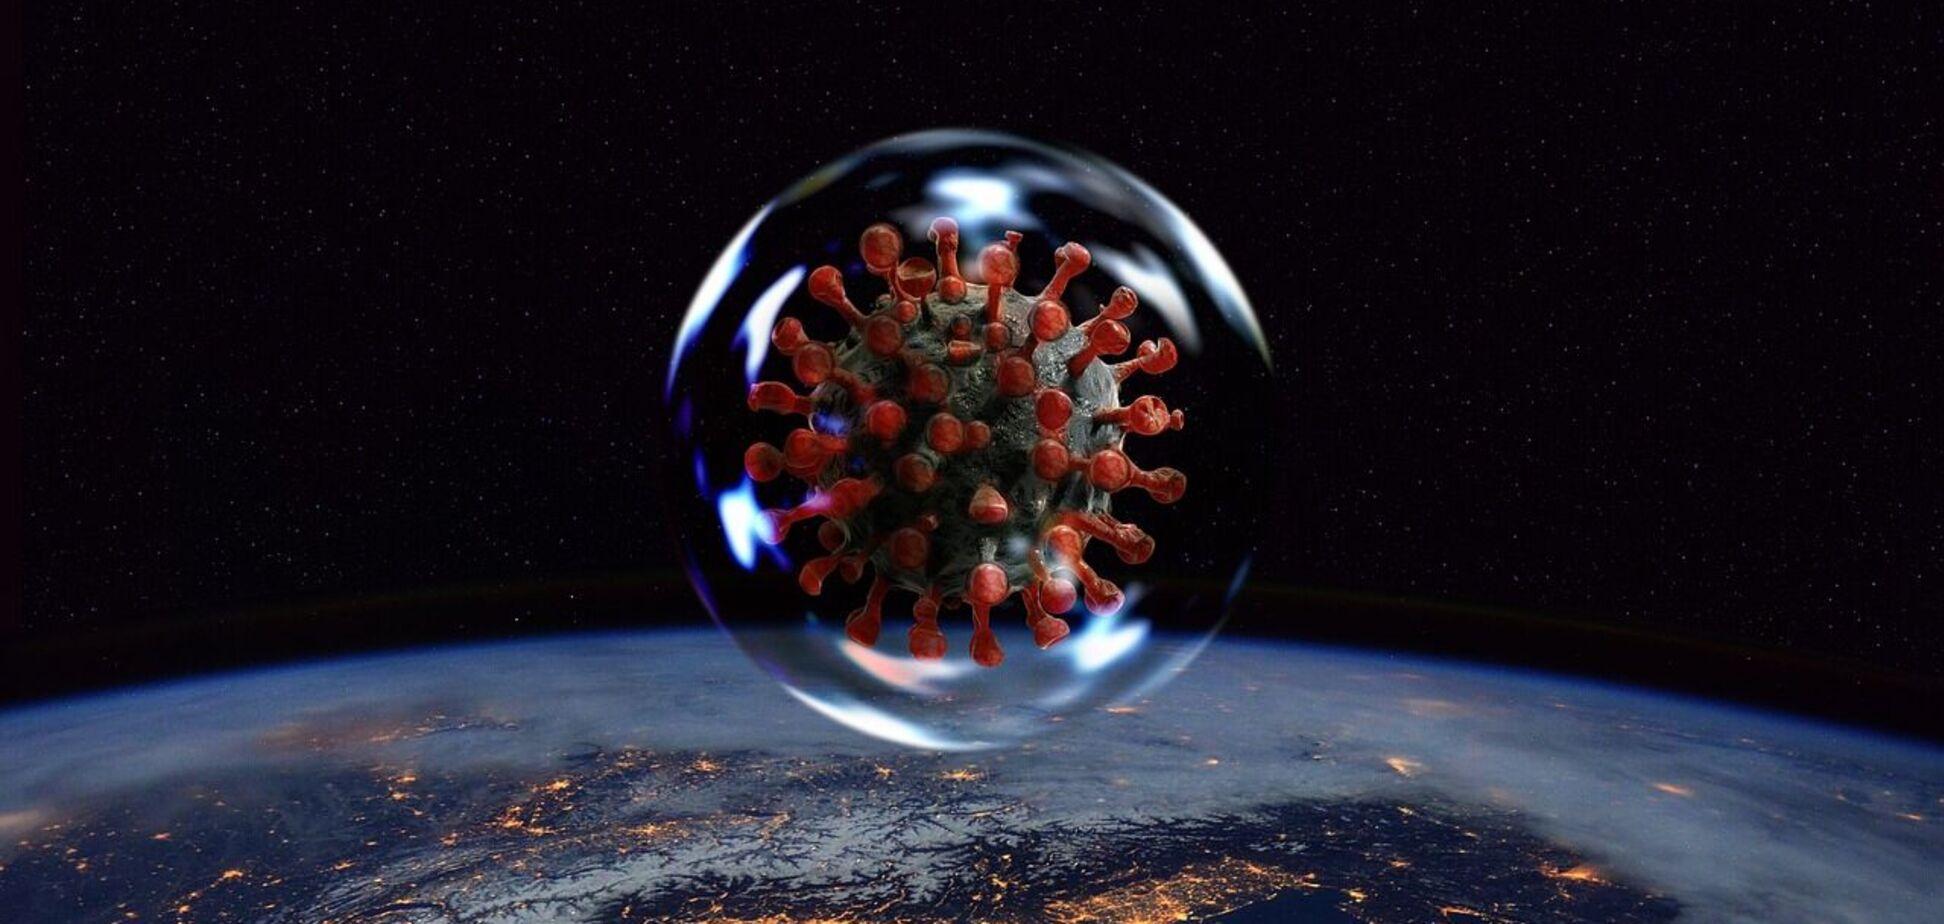 Хроніка коронавірусу на 13 червня: Бразилія стала лідером із захворюваності